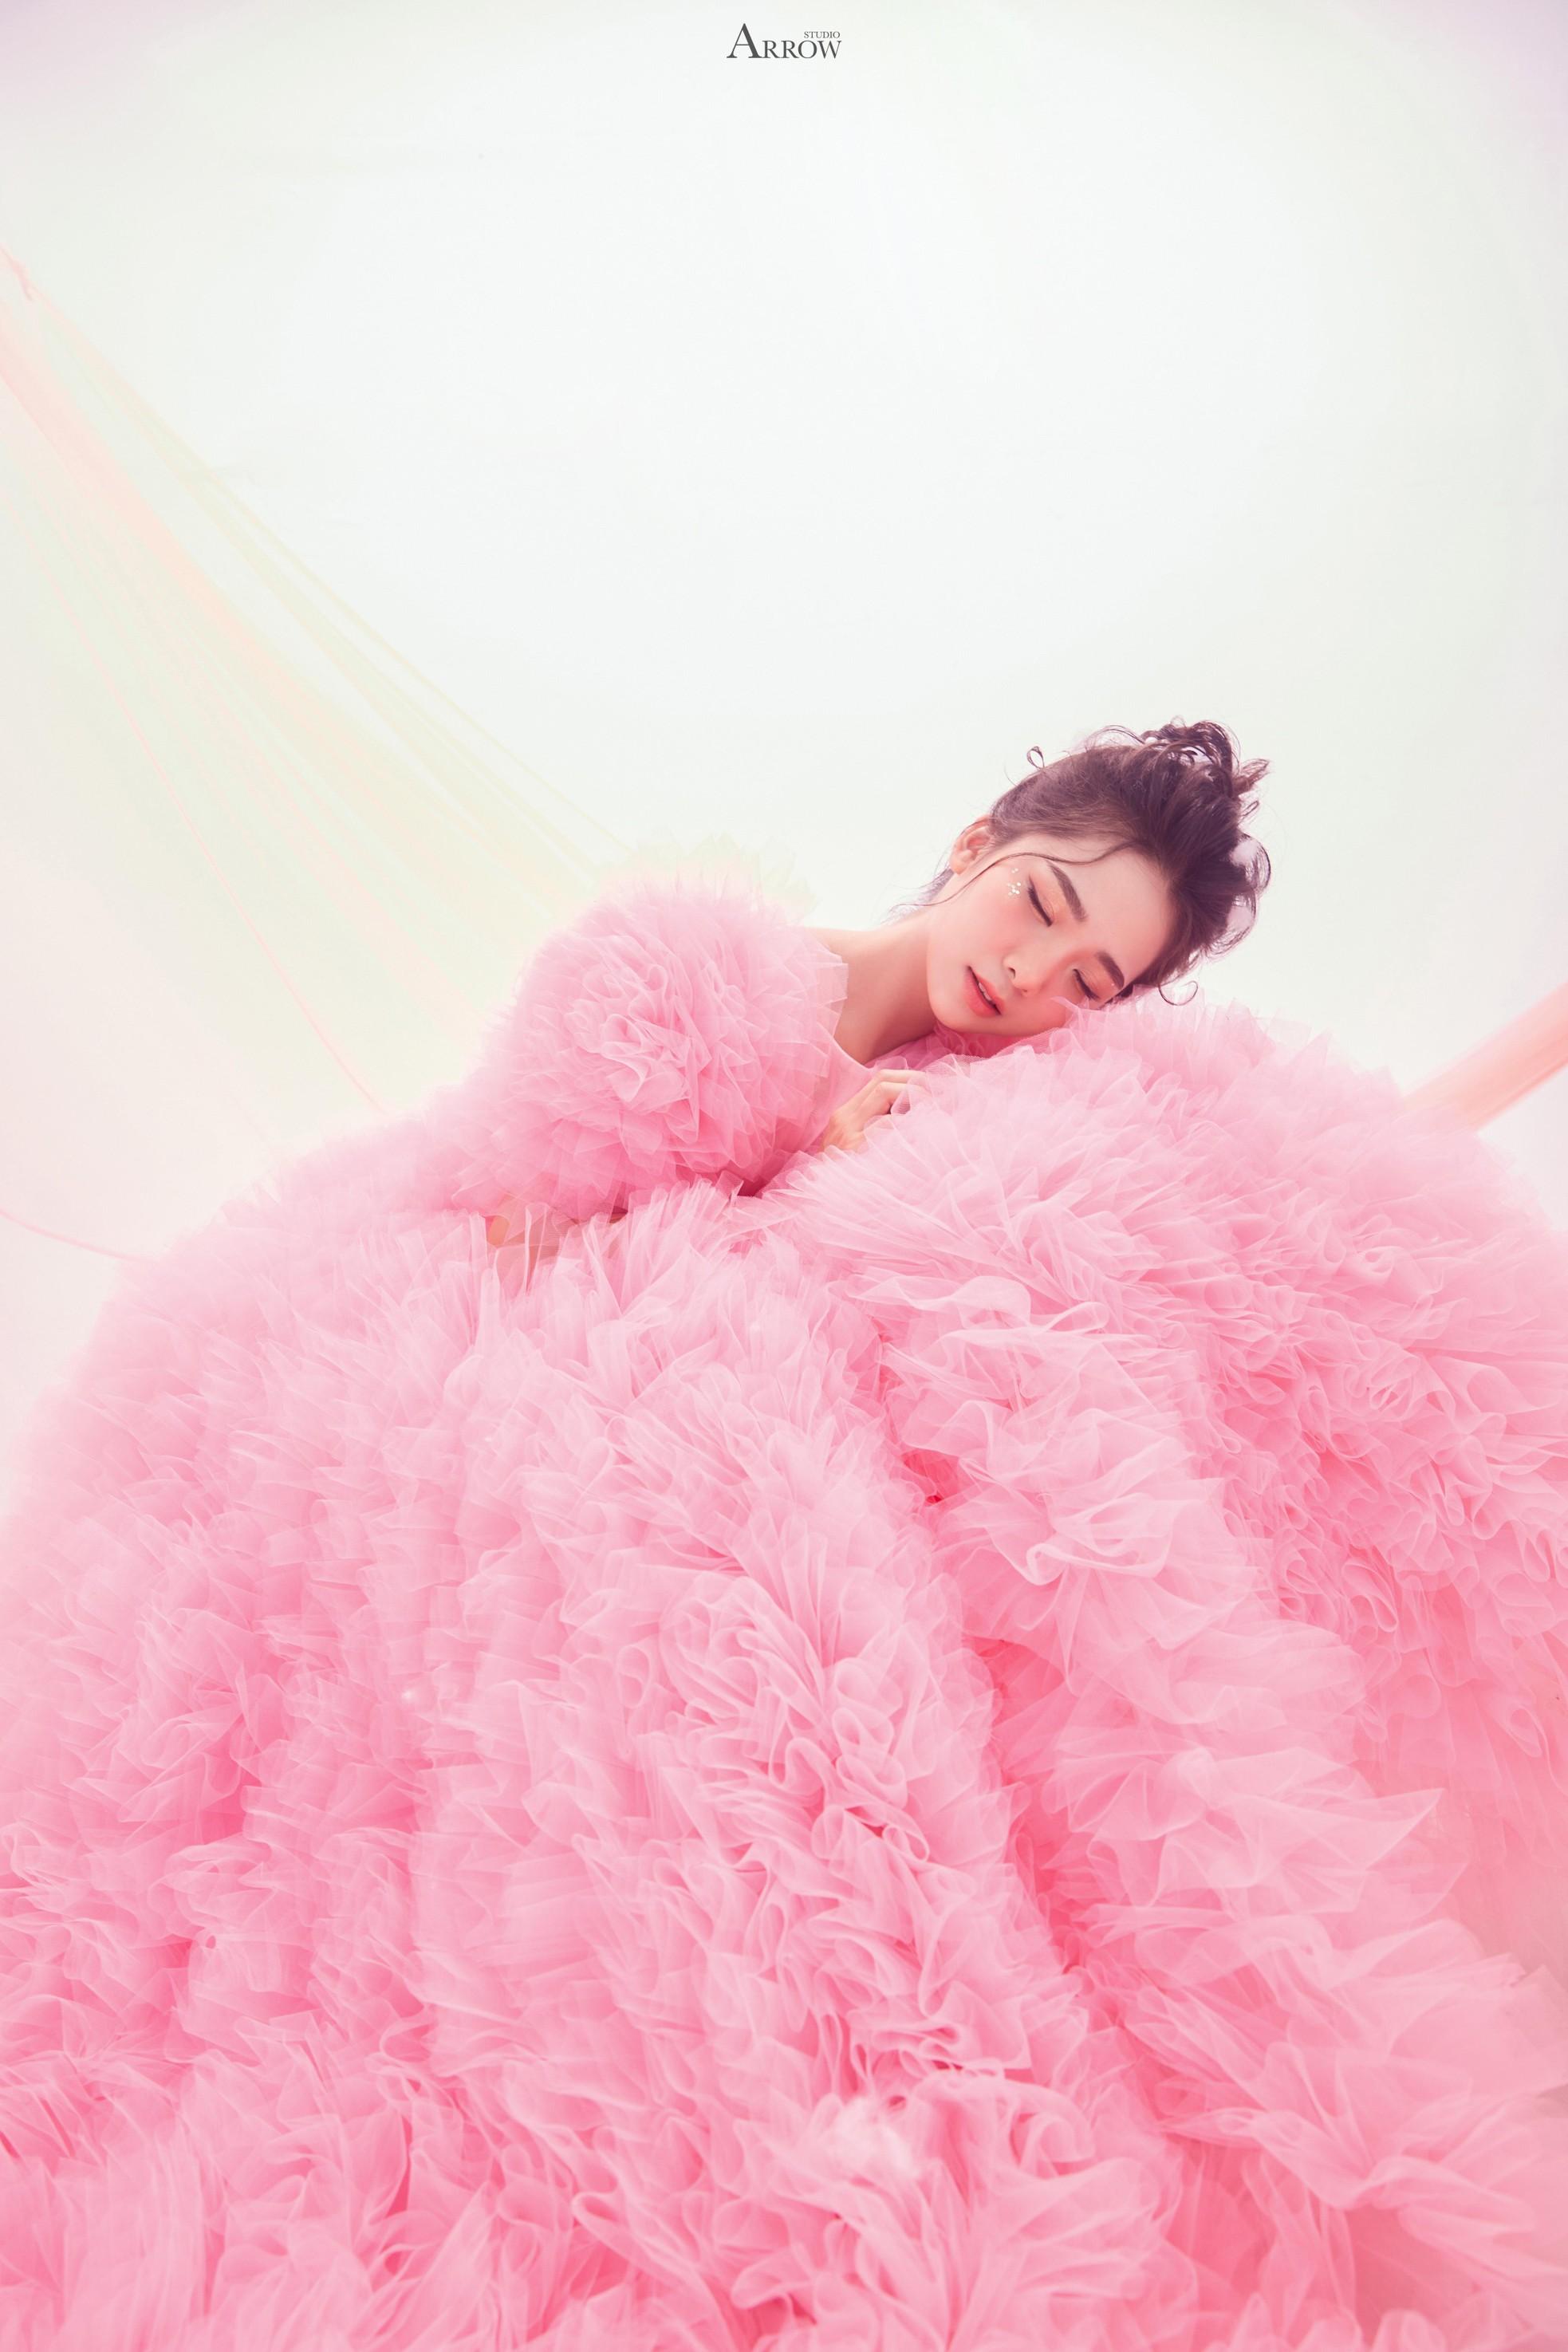 Nhan sắc 'kẹo ngọt' của nữ sinh trường Cao đẳng Nghệ thuật Hà Nội ảnh 9